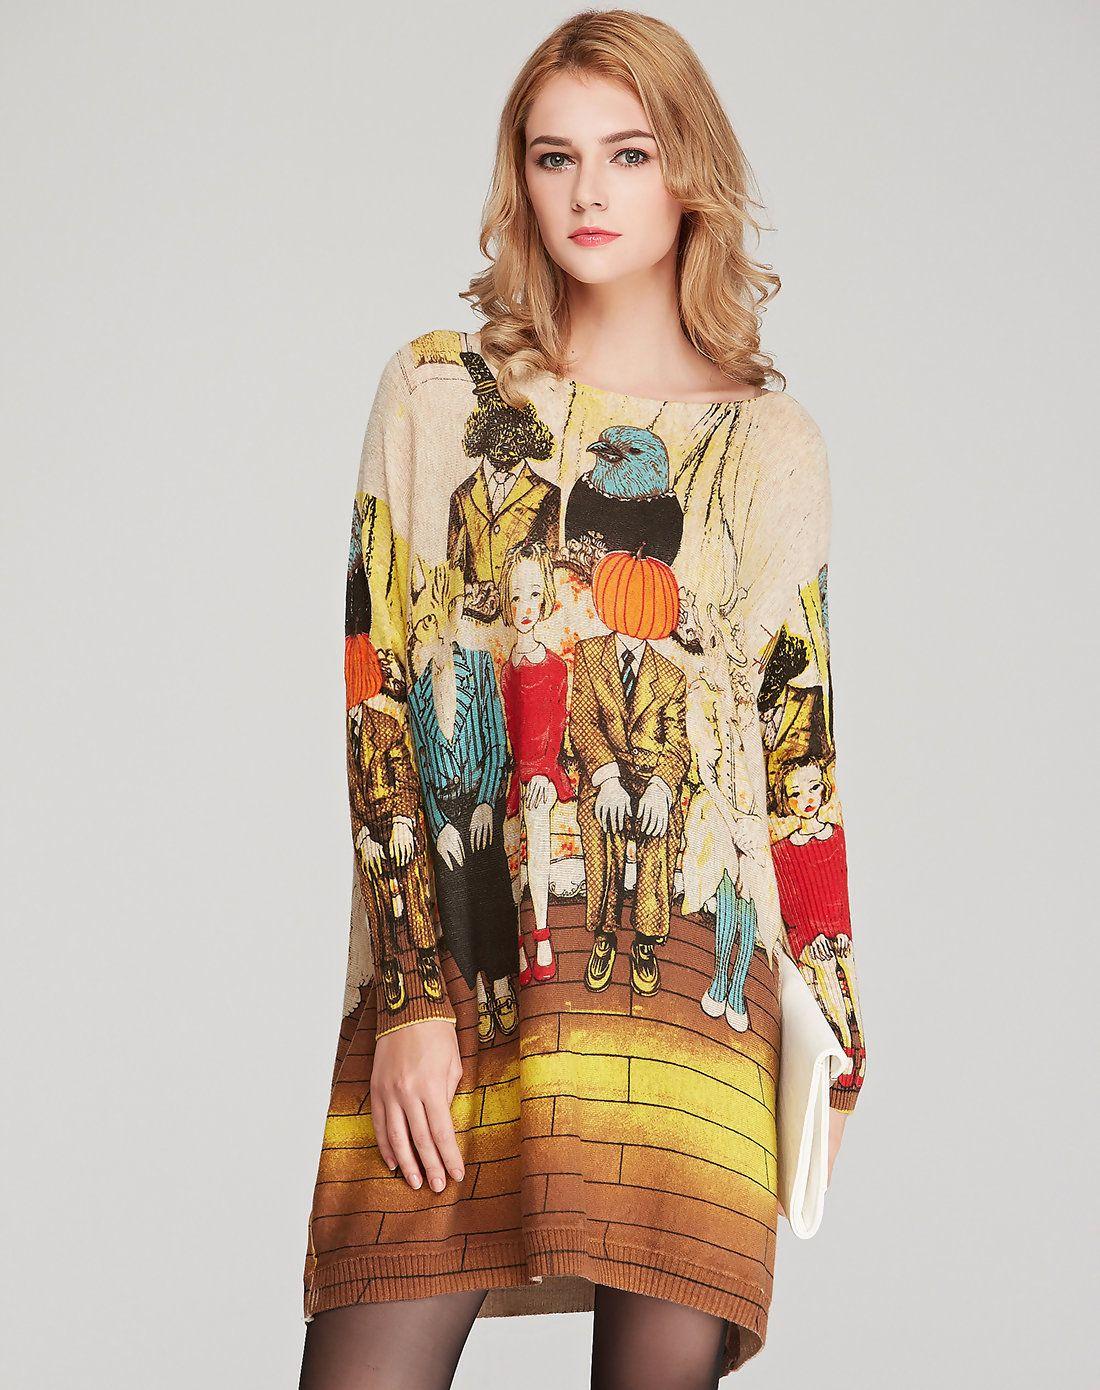 Adorewe vipme sweaters u cardigans hepswing printed long sleeve